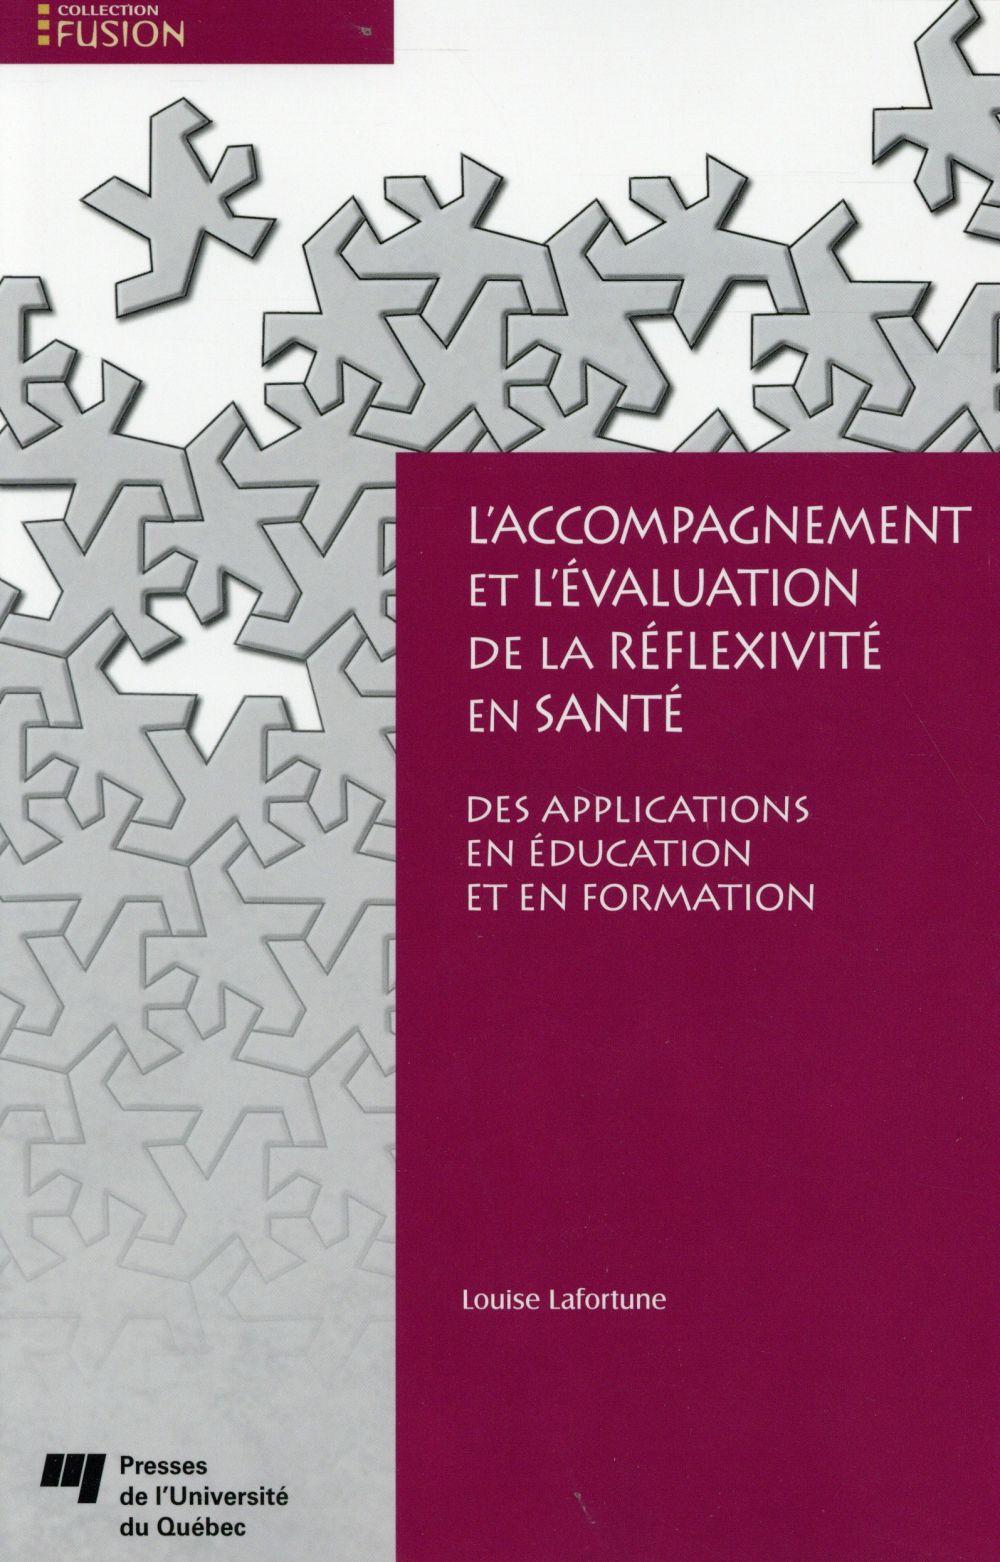 L'accompagnement et l'évaluation de la réflexivité en santé, Des applications en éducation et en formation